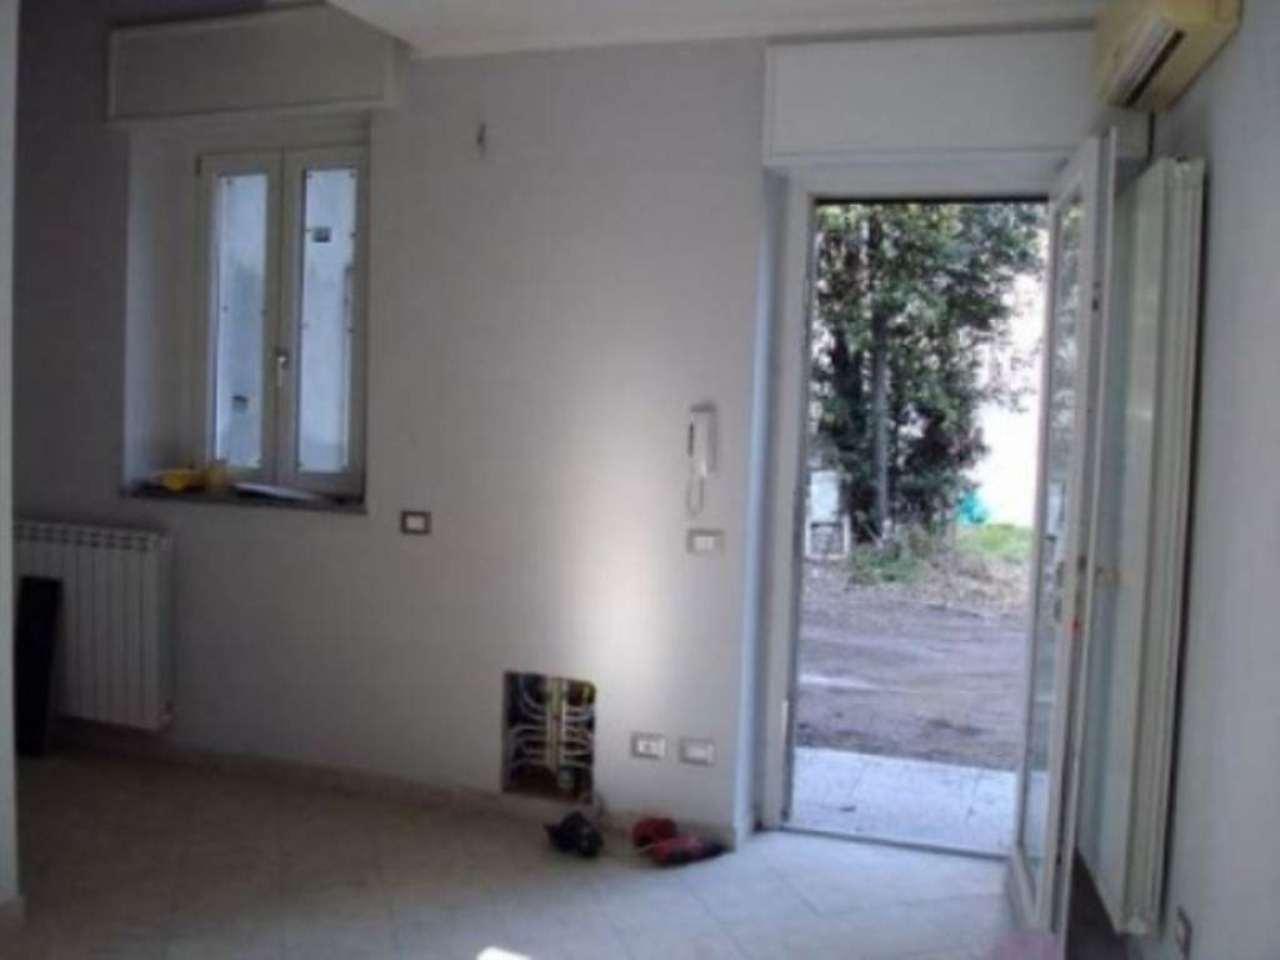 Soluzione Indipendente in vendita a Parabiago, 2 locali, prezzo € 78.000 | Cambio Casa.it